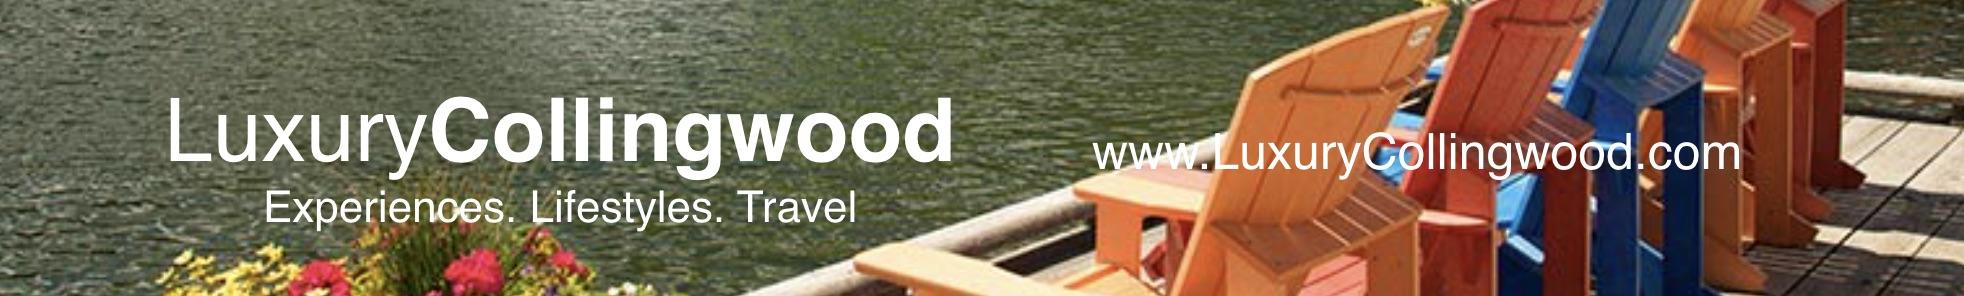 luxuryCollingwood Ad 05